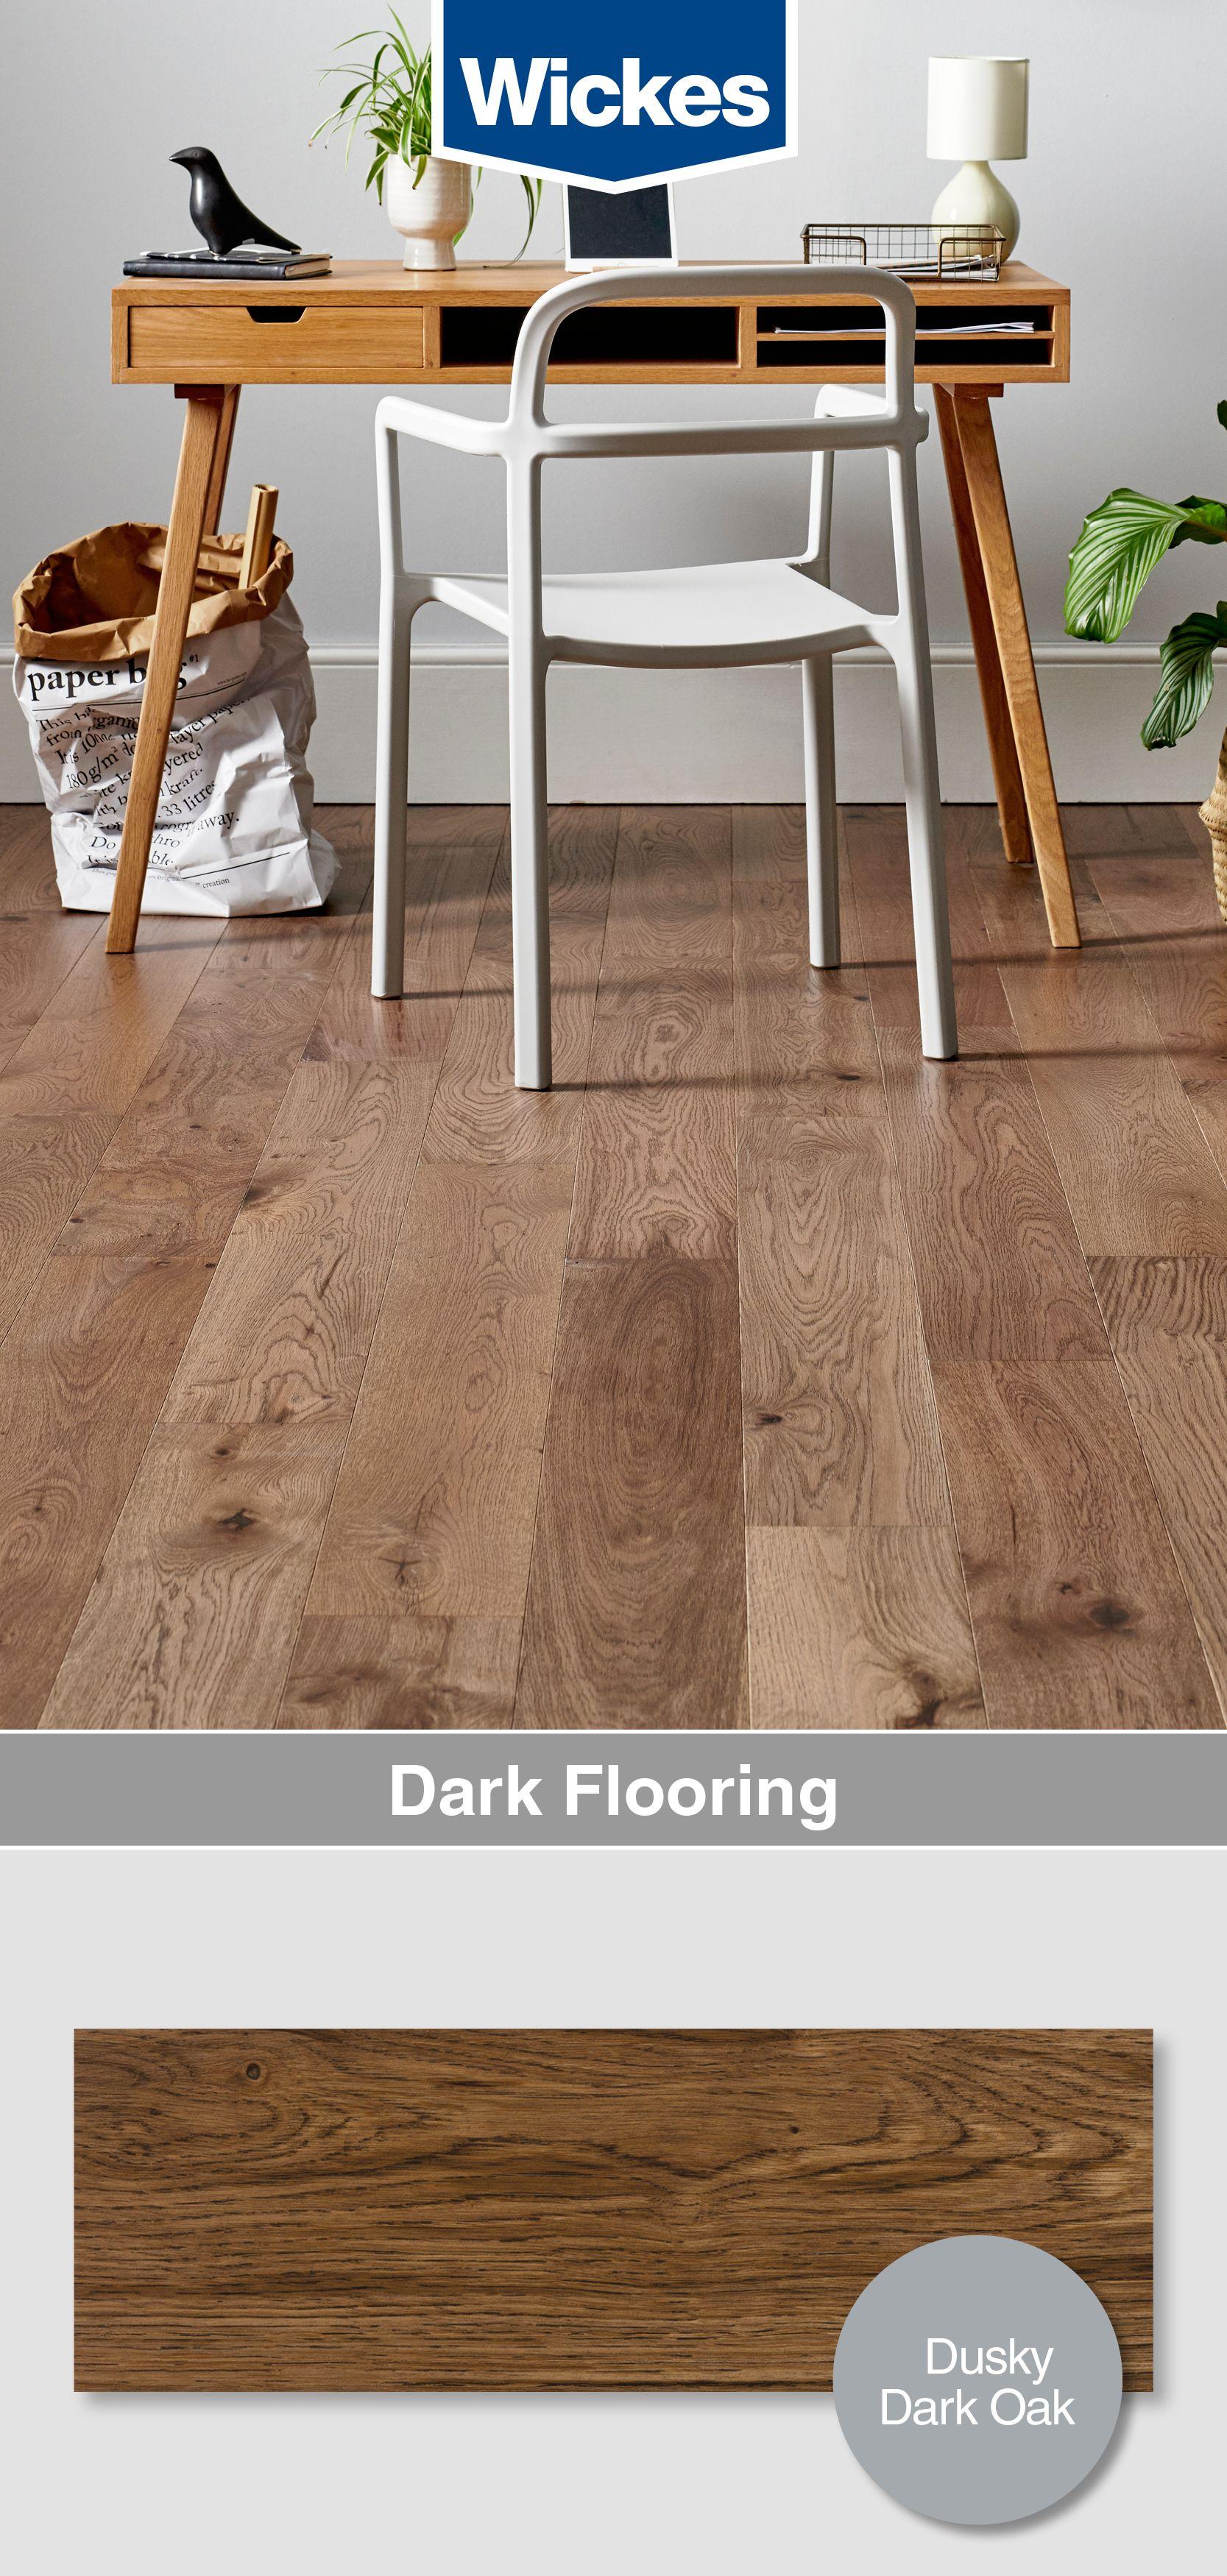 Style Dark Oak Solid Wood Flooring 1.5m2 Pack